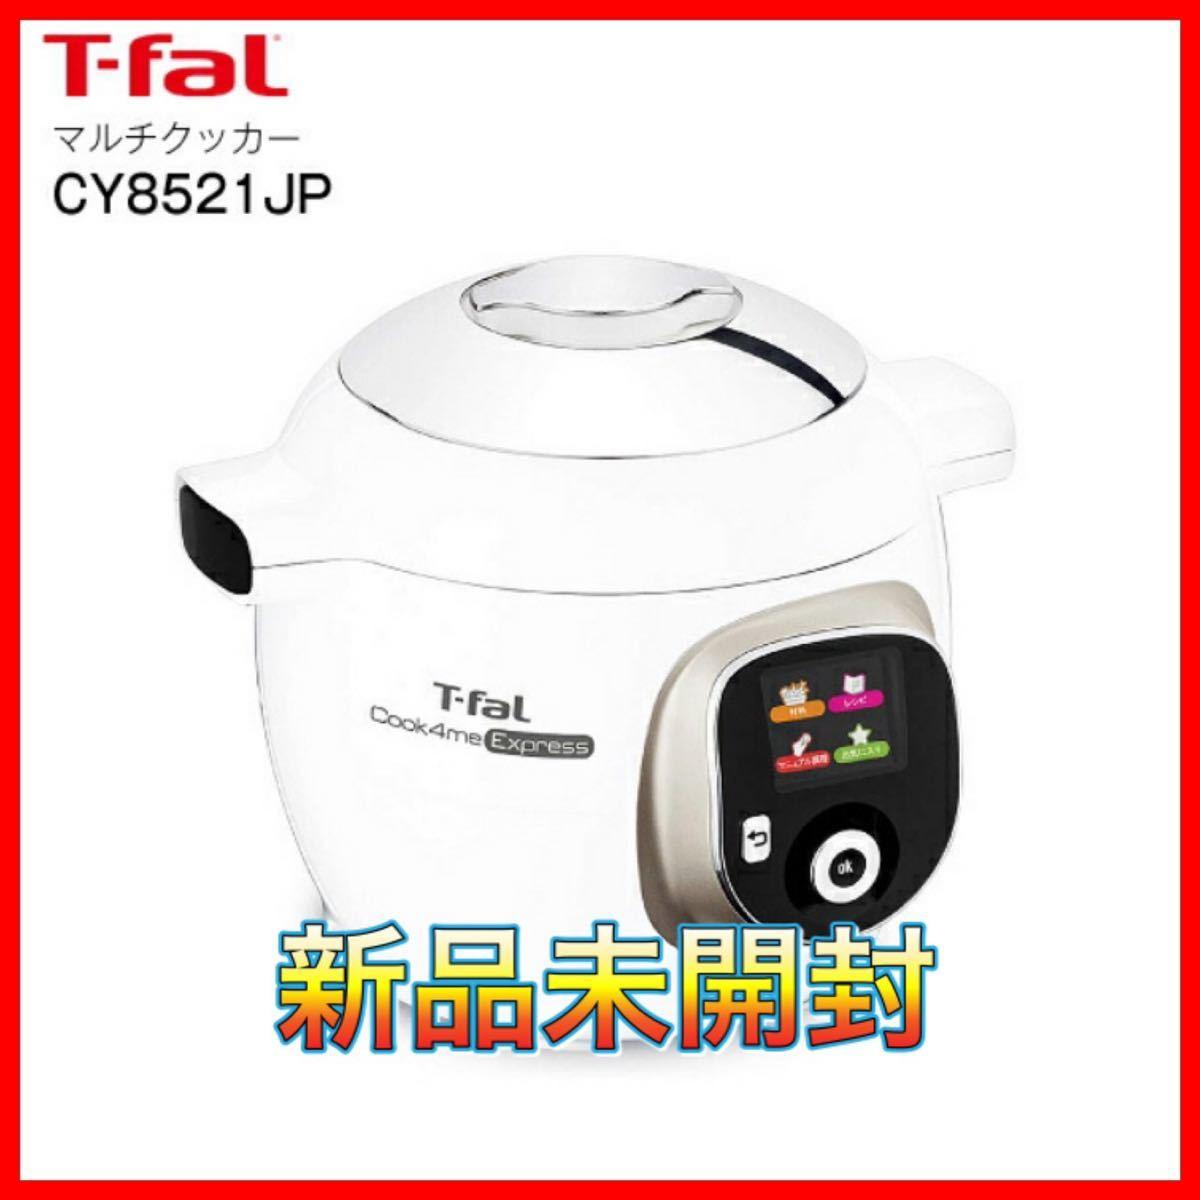 【最安値!!】クックフォーミーエクスプレス CY8521JP【ティファール】 T-fal 圧力鍋 Cook4me Express